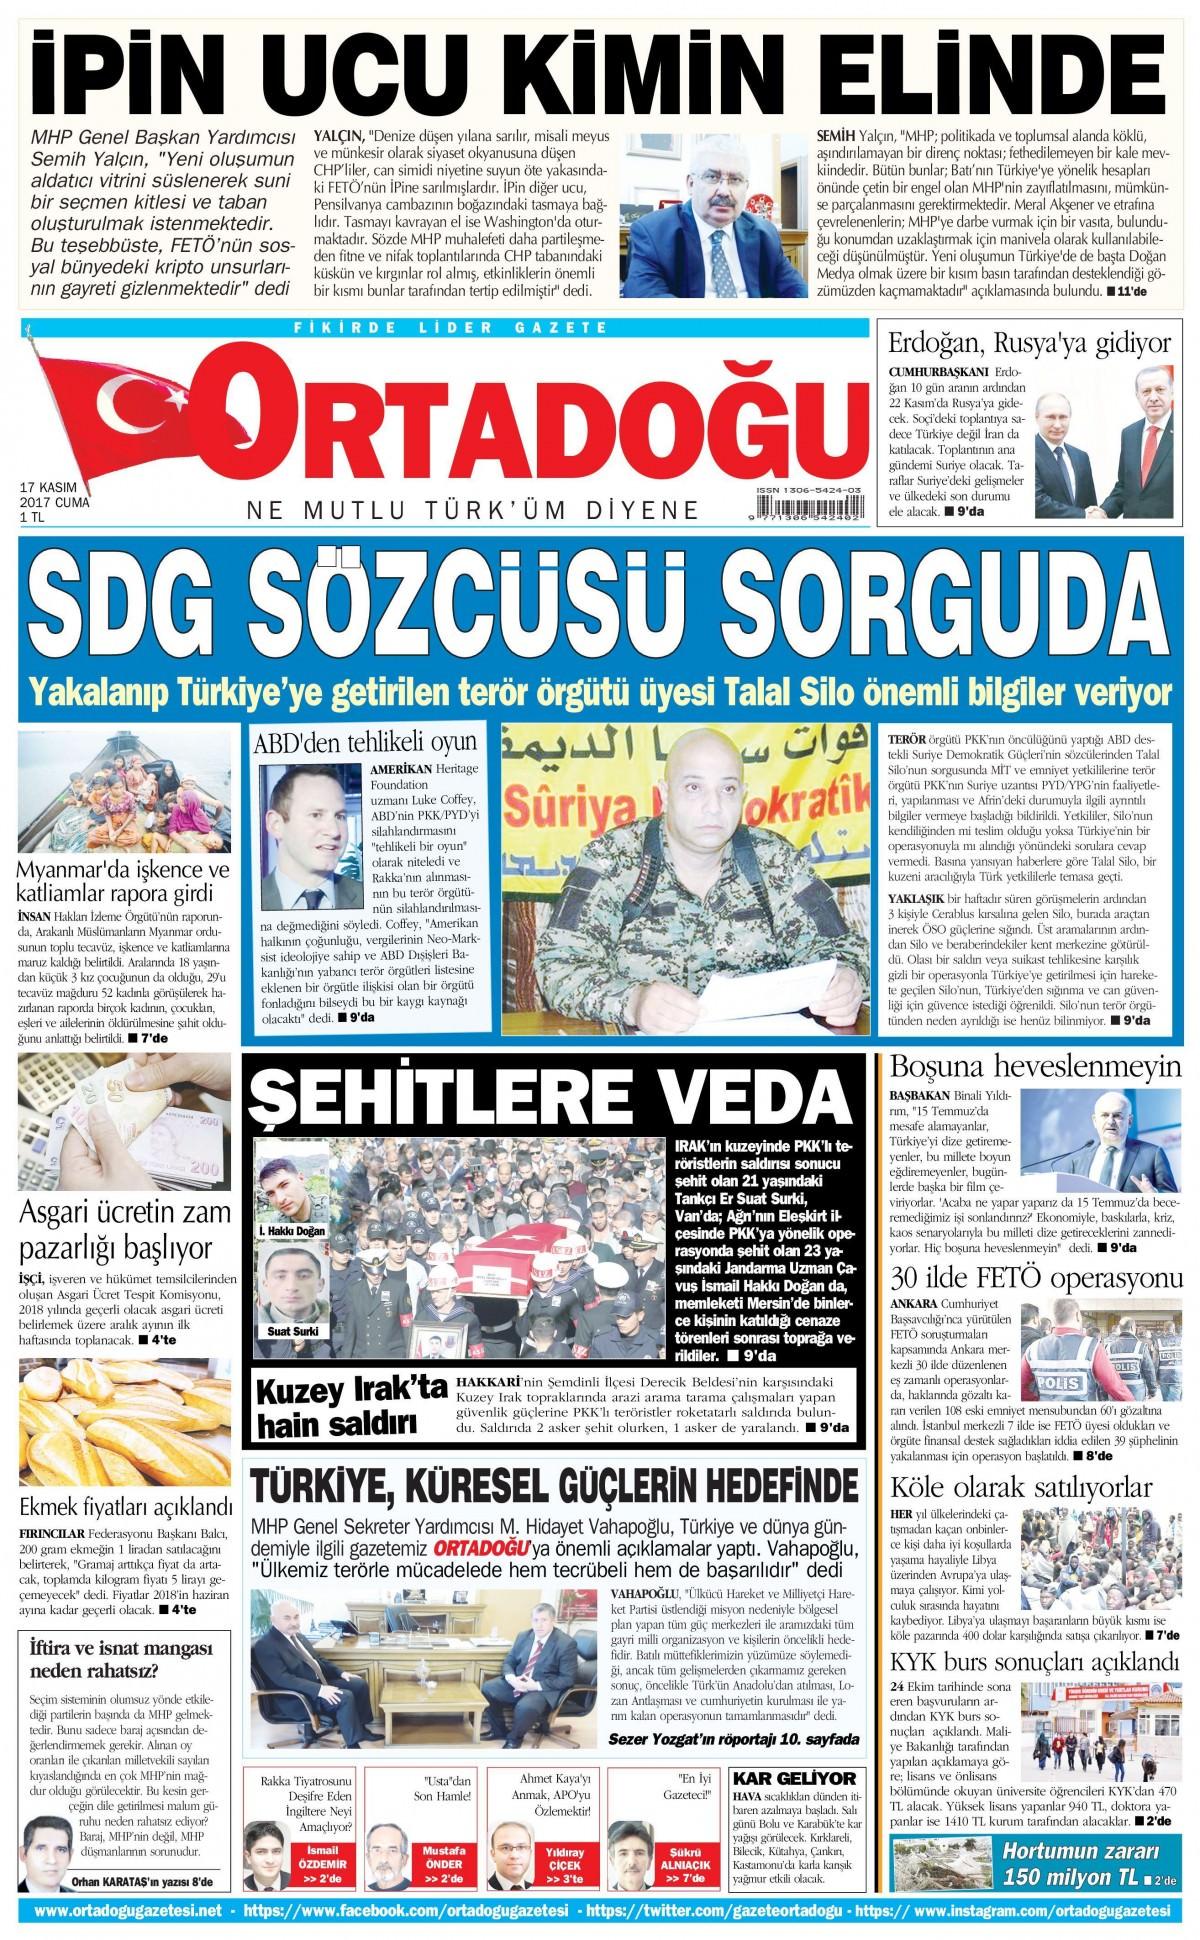 Gazeteler hangi manşetleri attı! (17 Kasım 2017) 13